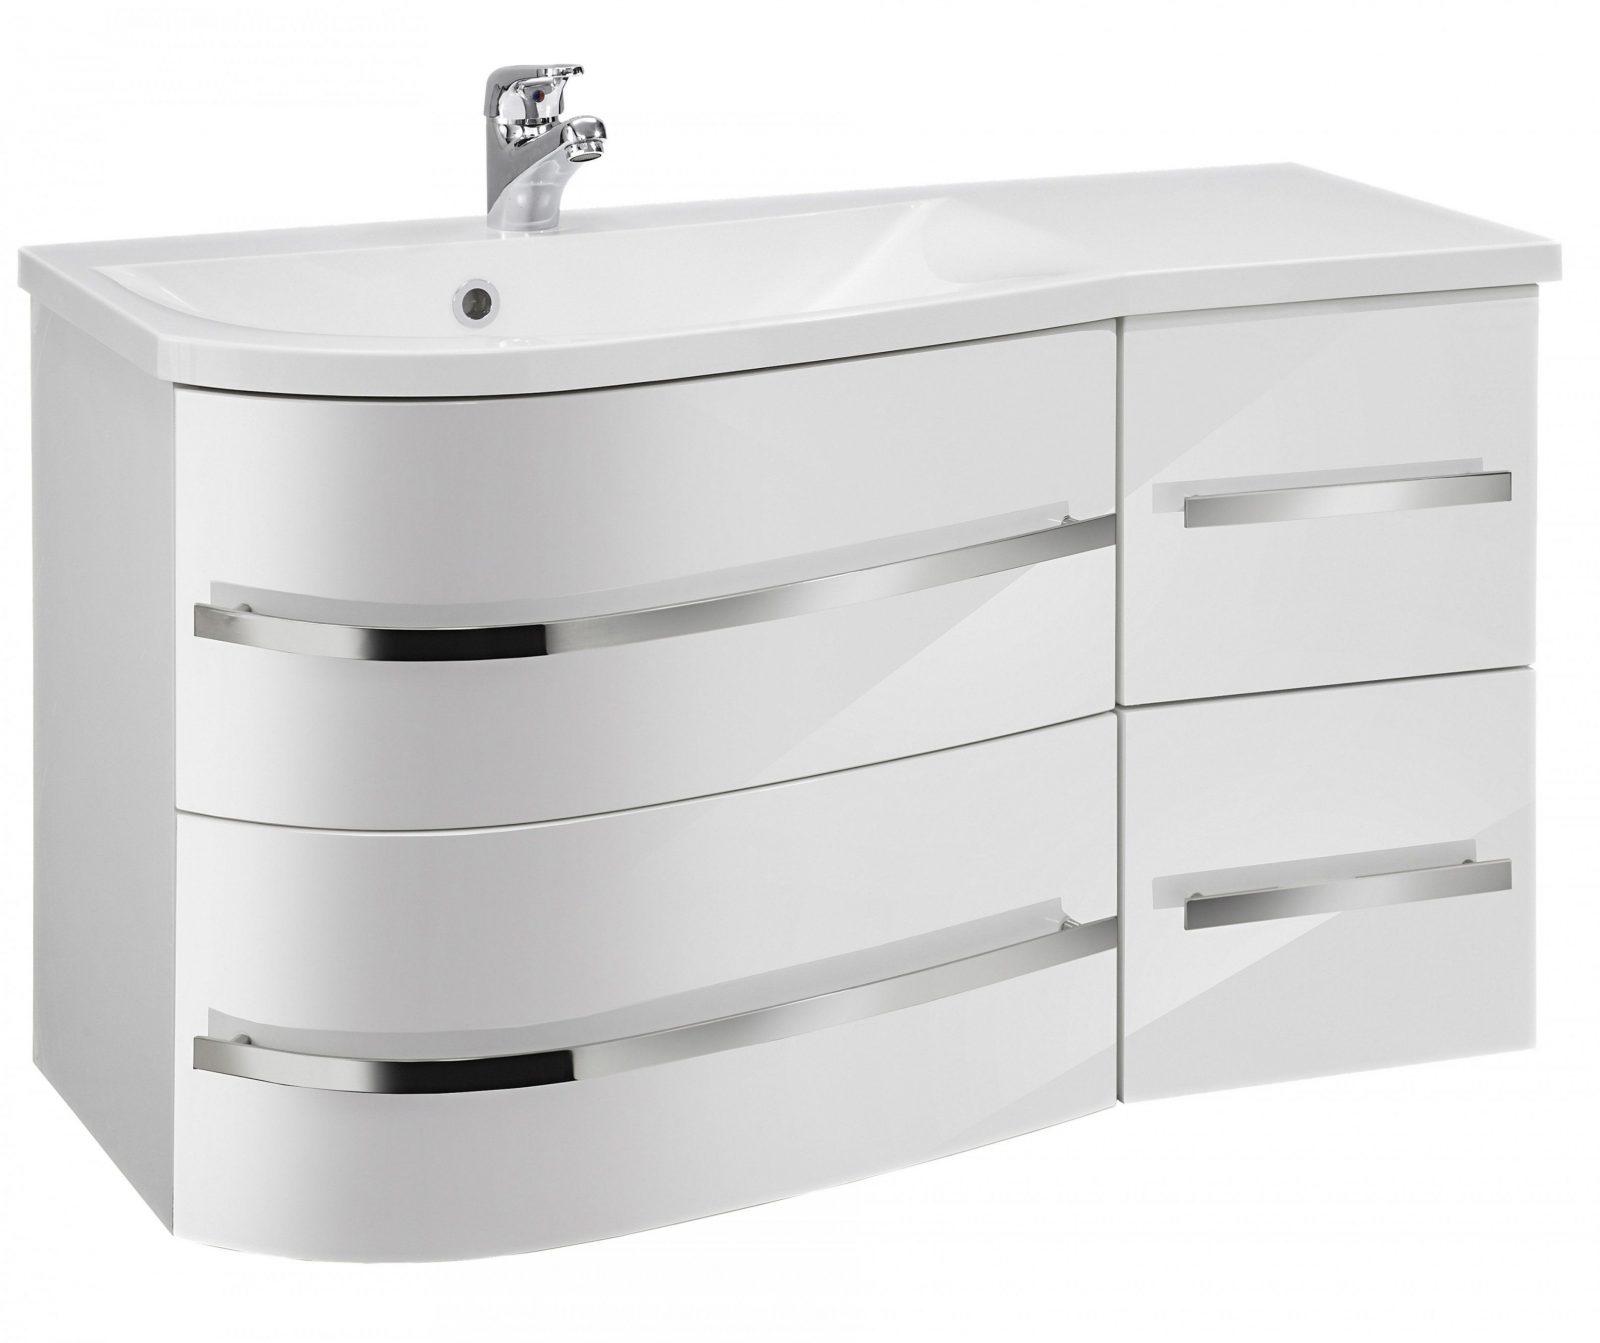 Luxuriös Waschtisch Mit Unterschrank Cm Breit Weiscken Zum von Waschtisch Mit Unterschrank 70 Cm Breit Bild